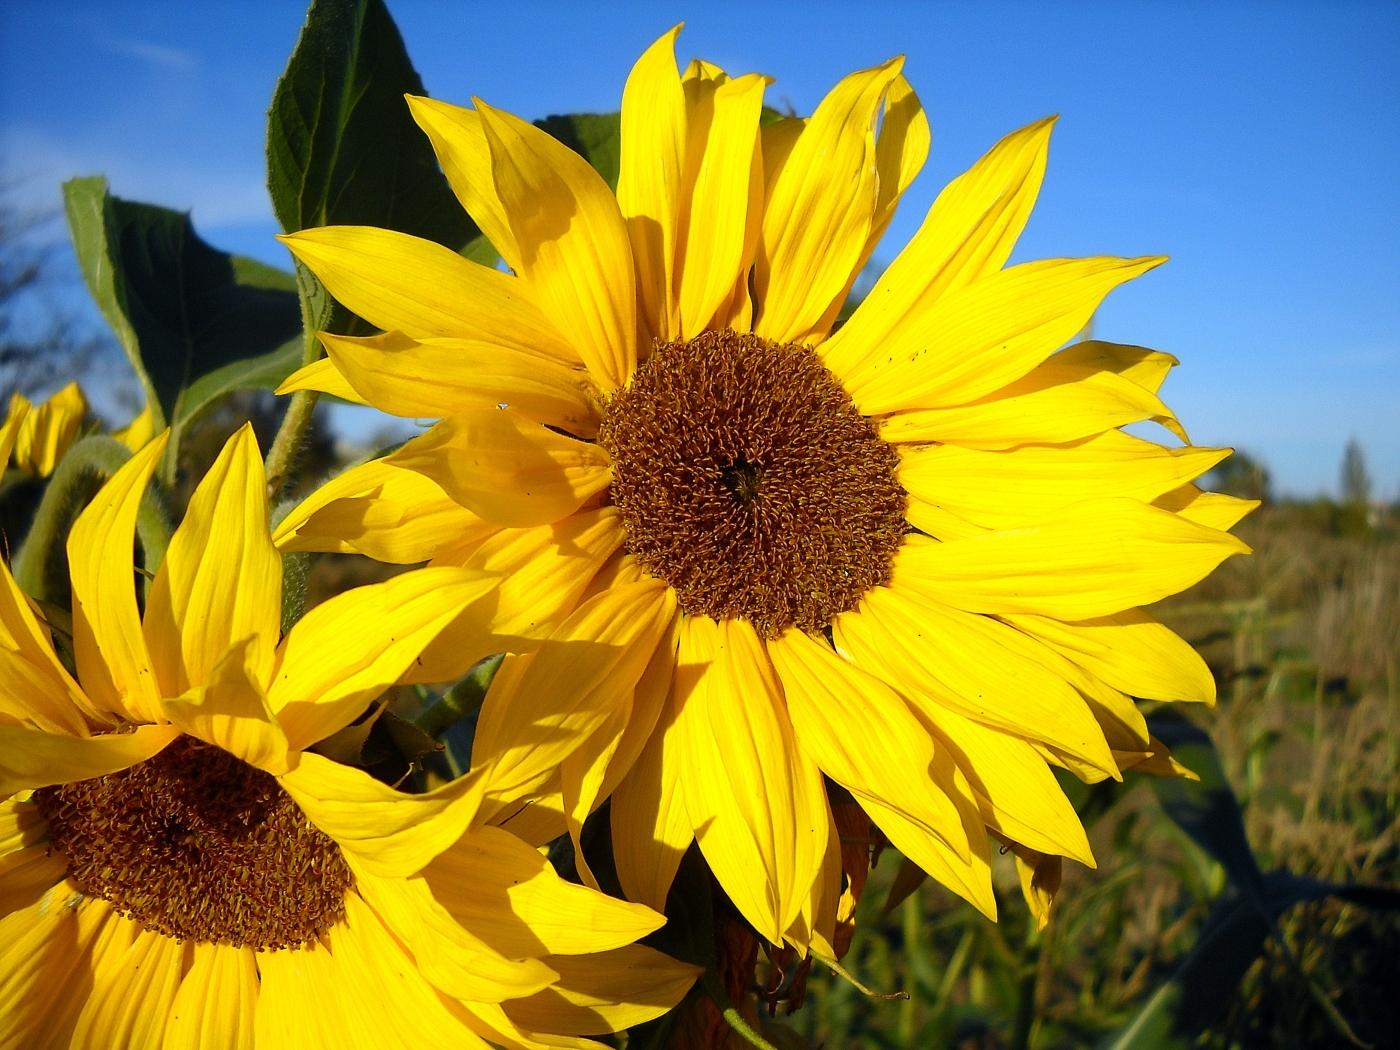 23797 免費下載壁紙 植物, 花卉, 向日葵 屏保和圖片